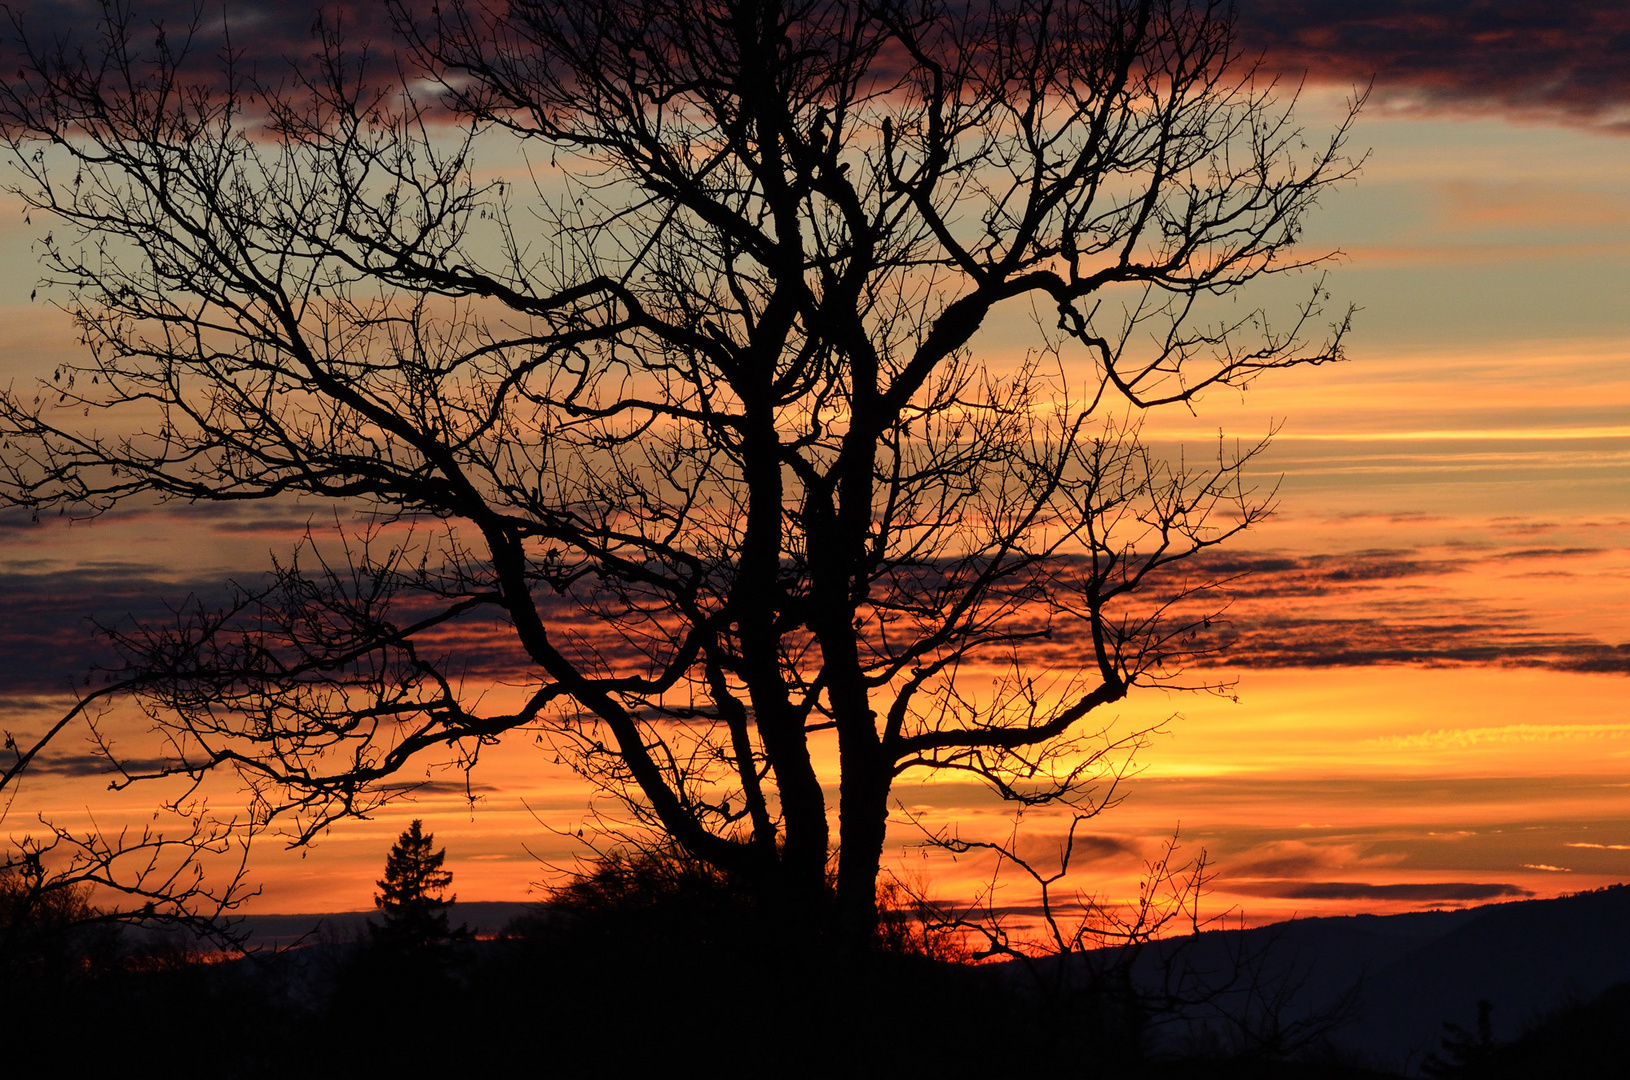 Sonnenuntergang am Weissenstein # 3